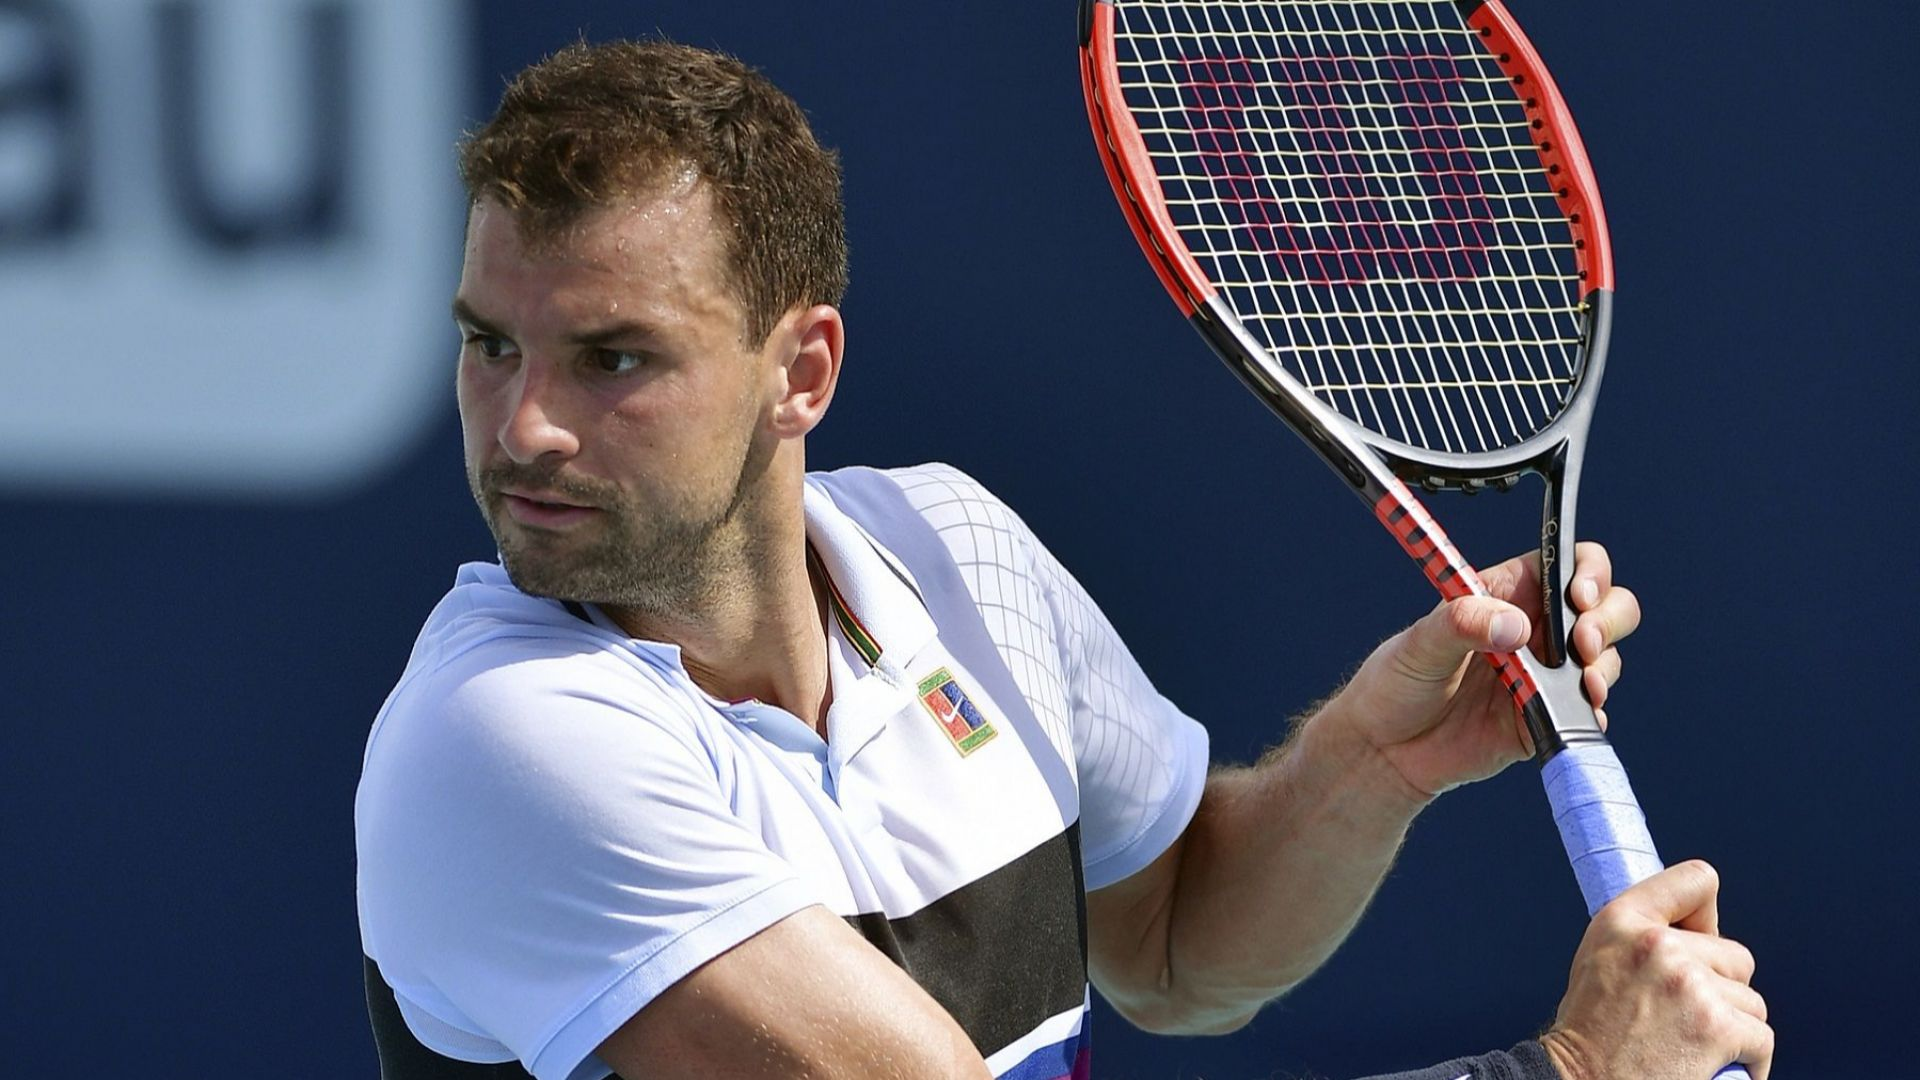 Григор Димитров с позиция нагоре в световната ранглиста